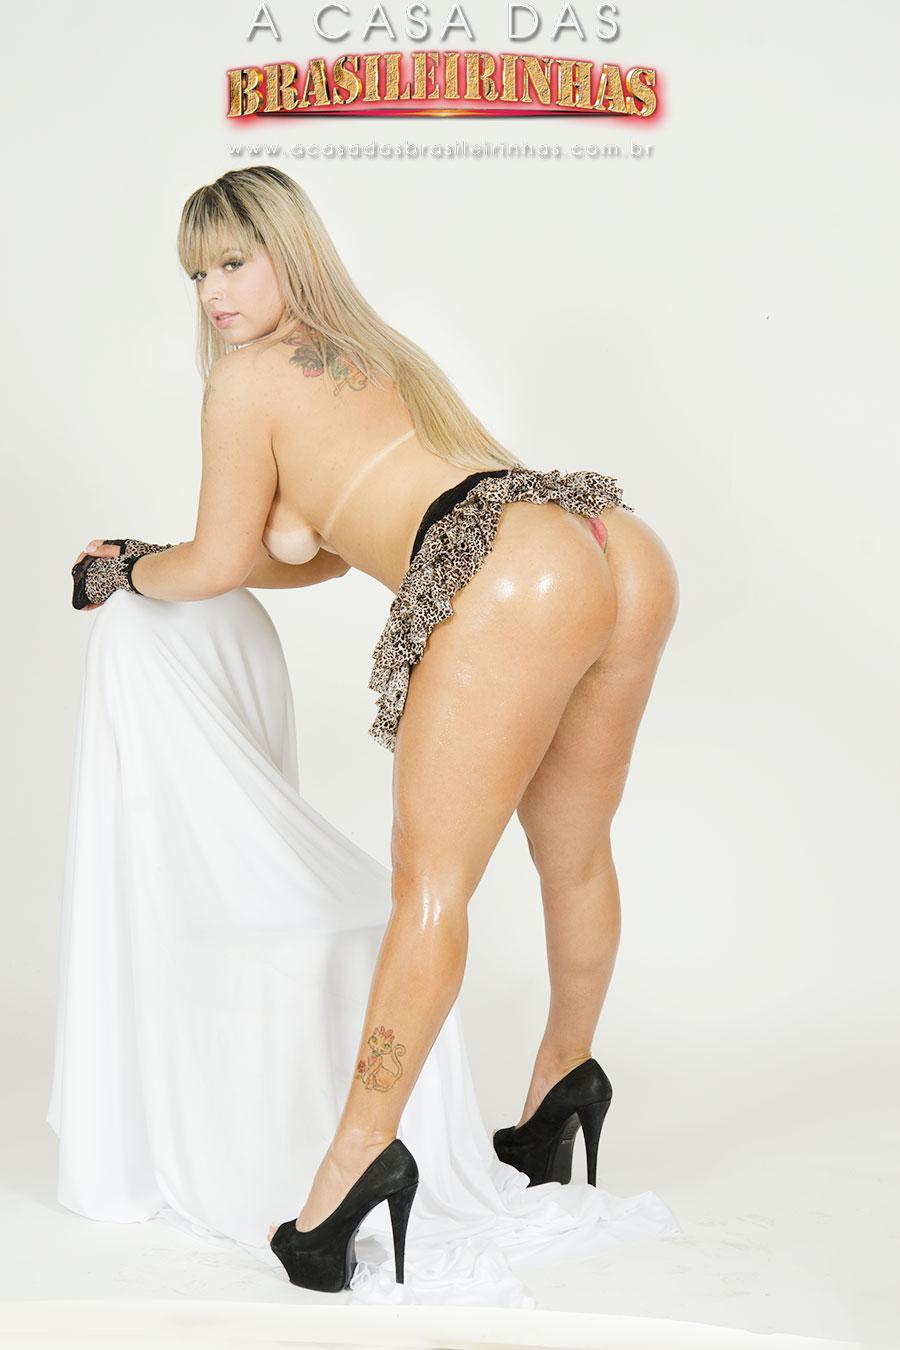 angel-lima-loira-muito-safada-mostrando-a-bunda-bem-gostosa.jpg